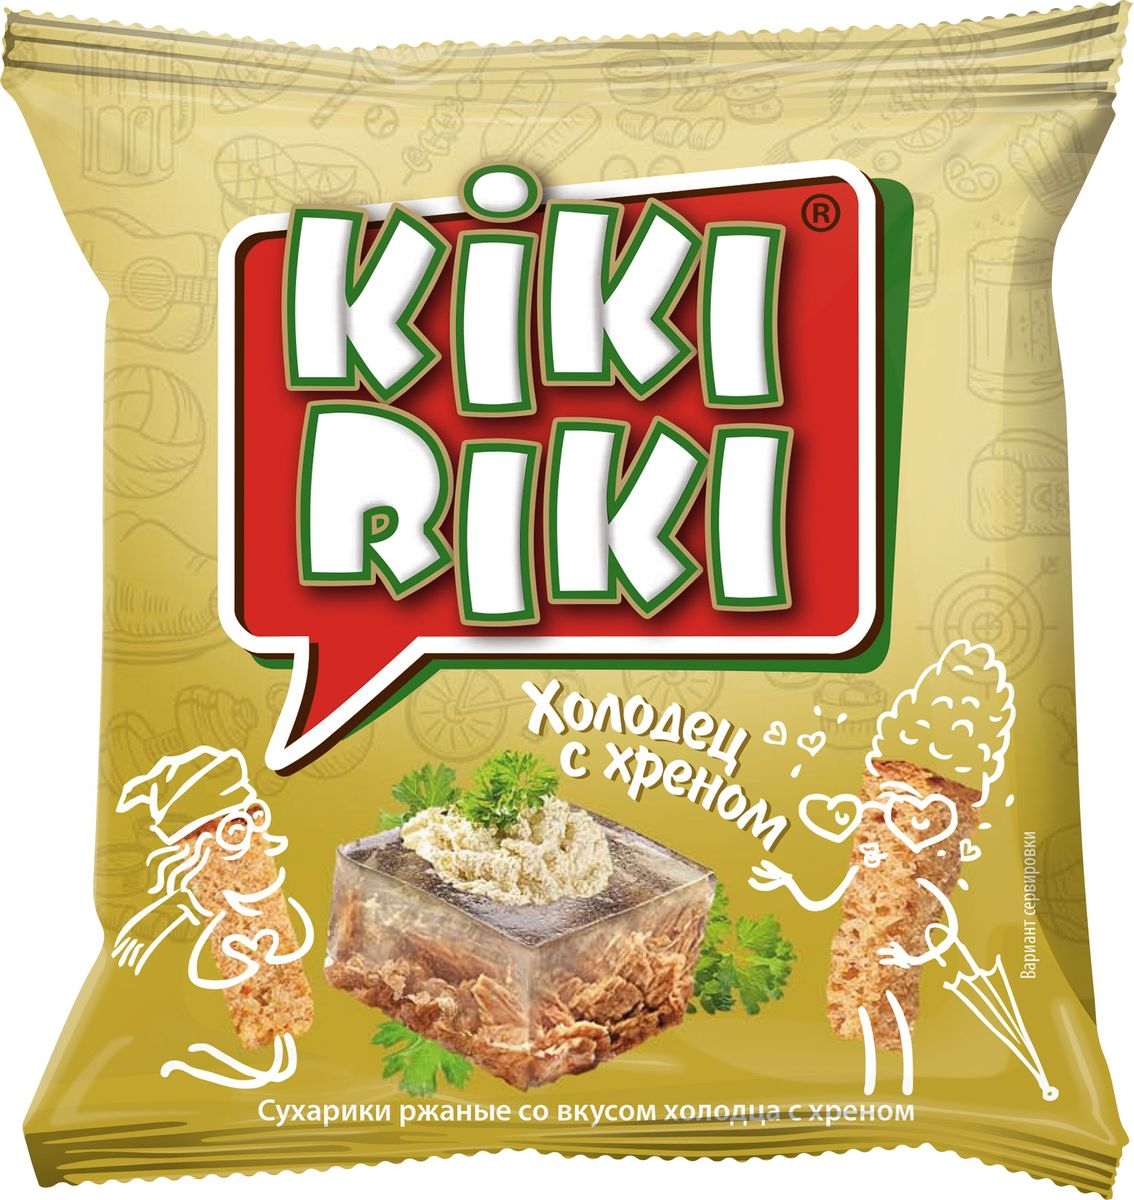 Kikiriki Сухарики ржаные, холодец с хреном, 66 штукпо 35 г24760156030138Сухарики ржано-пшеничные со вкусом холодца и хрена